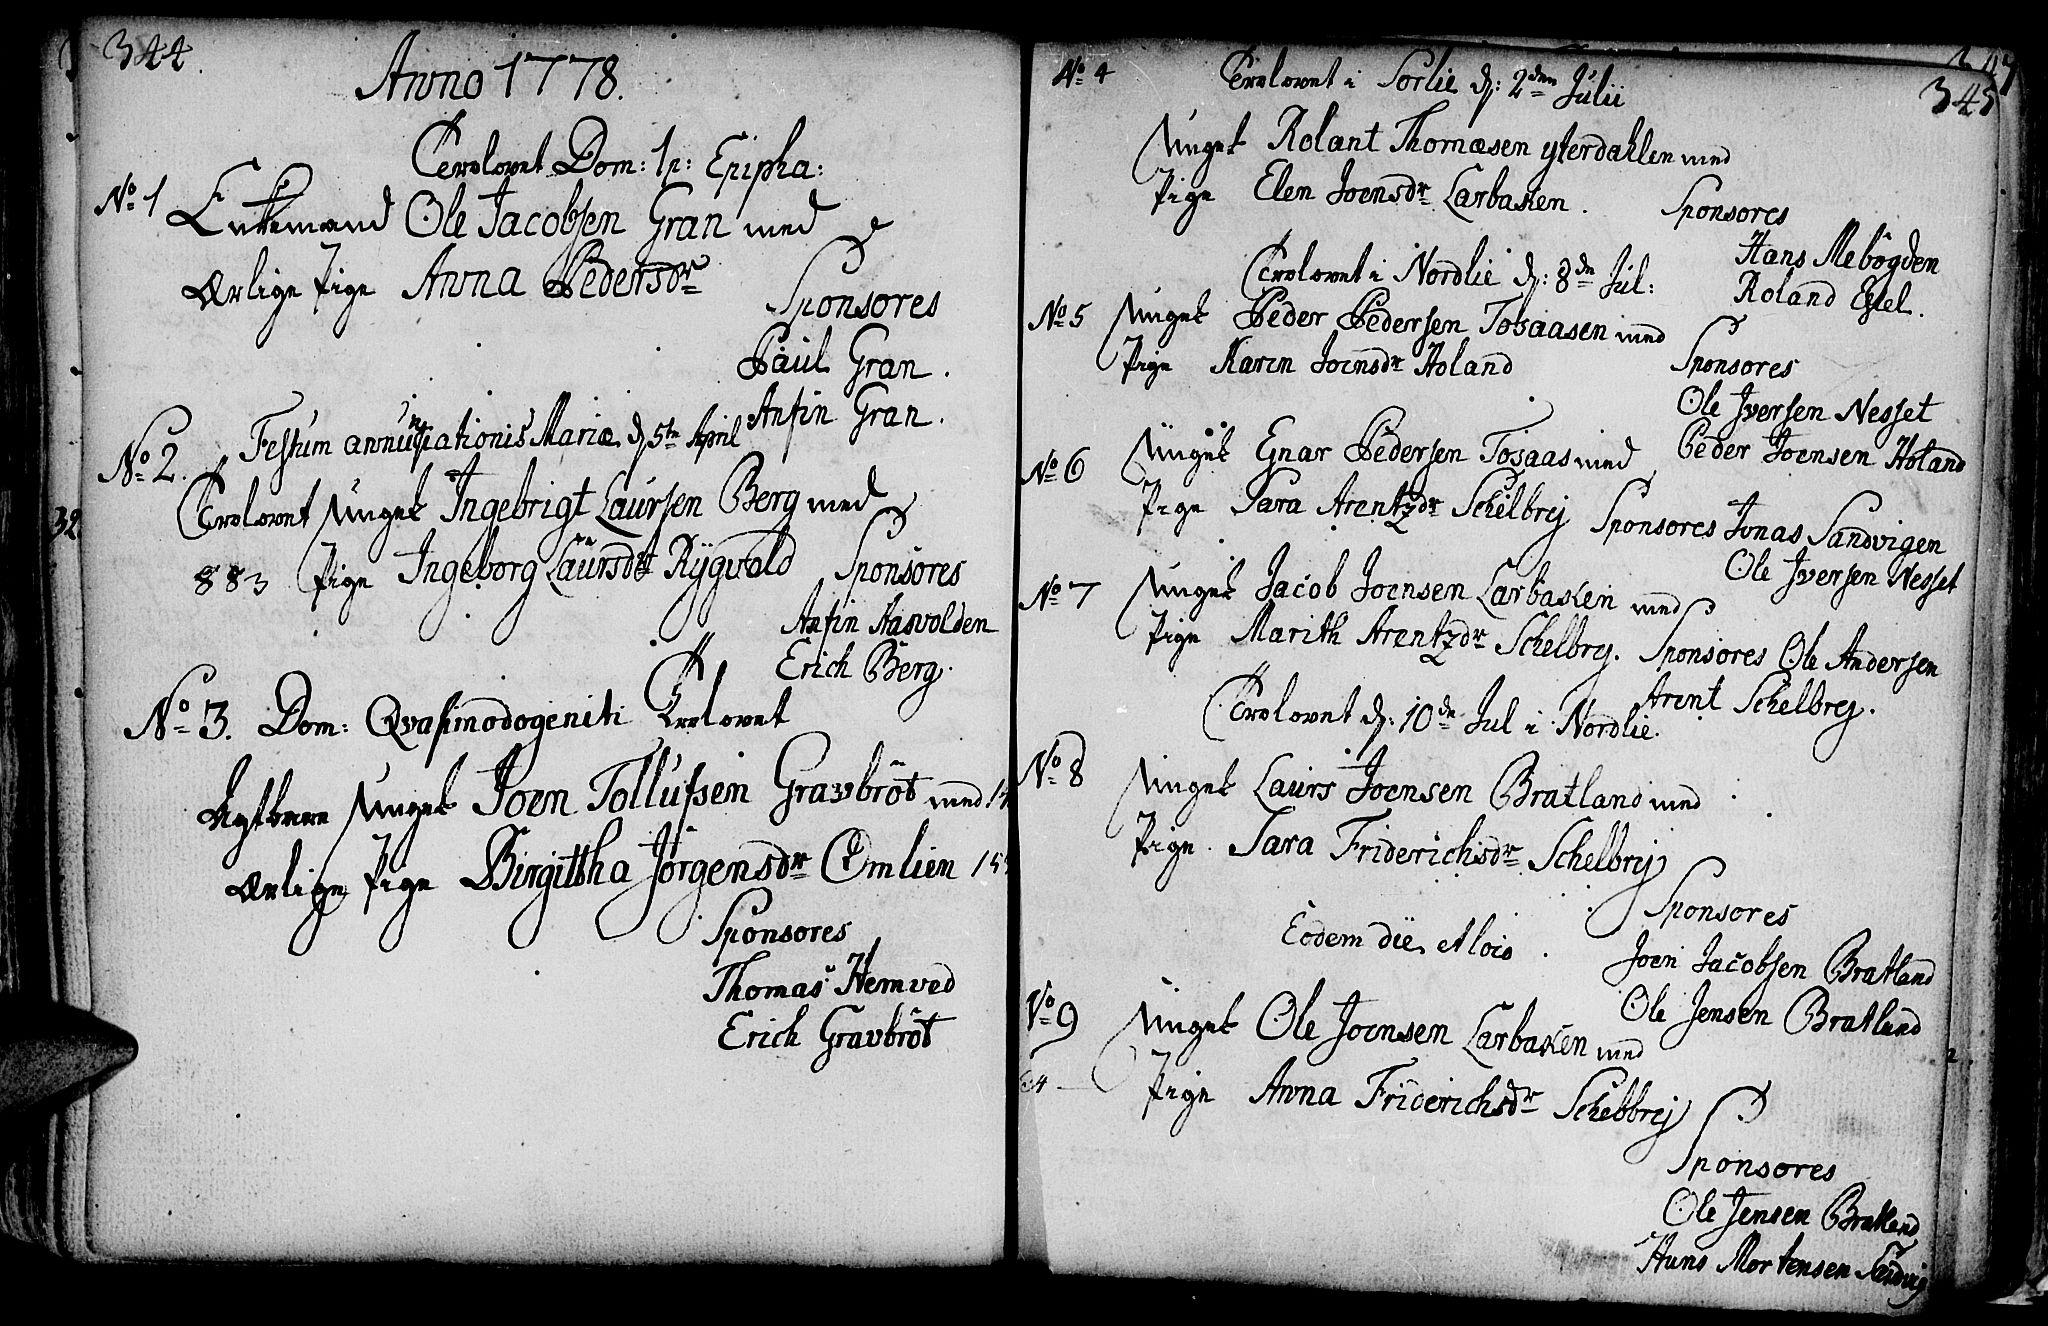 SAT, Ministerialprotokoller, klokkerbøker og fødselsregistre - Nord-Trøndelag, 749/L0467: Ministerialbok nr. 749A01, 1733-1787, s. 344-345